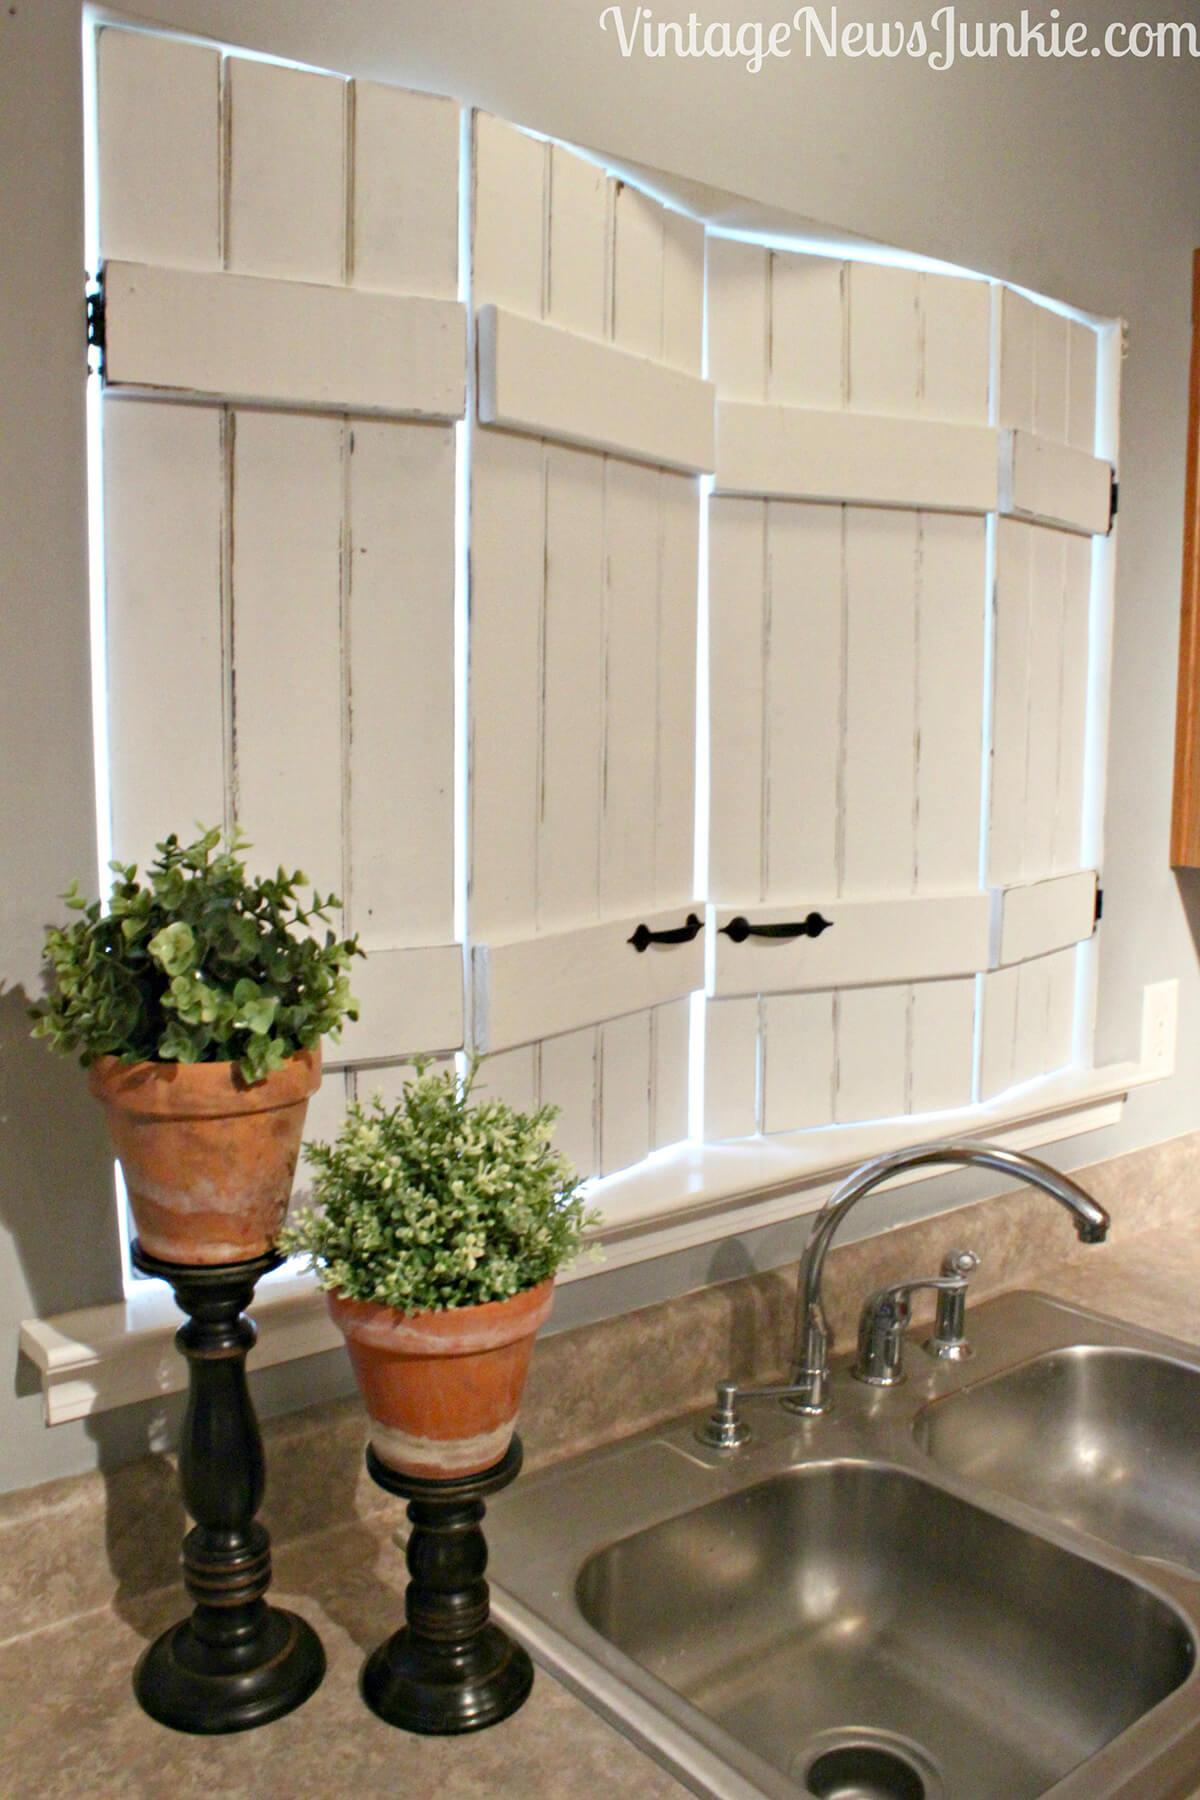 26 Best Farmhouse Window Treatment Ideas and Designs for 2020 on Farmhouse Curtain Ideas  id=20936